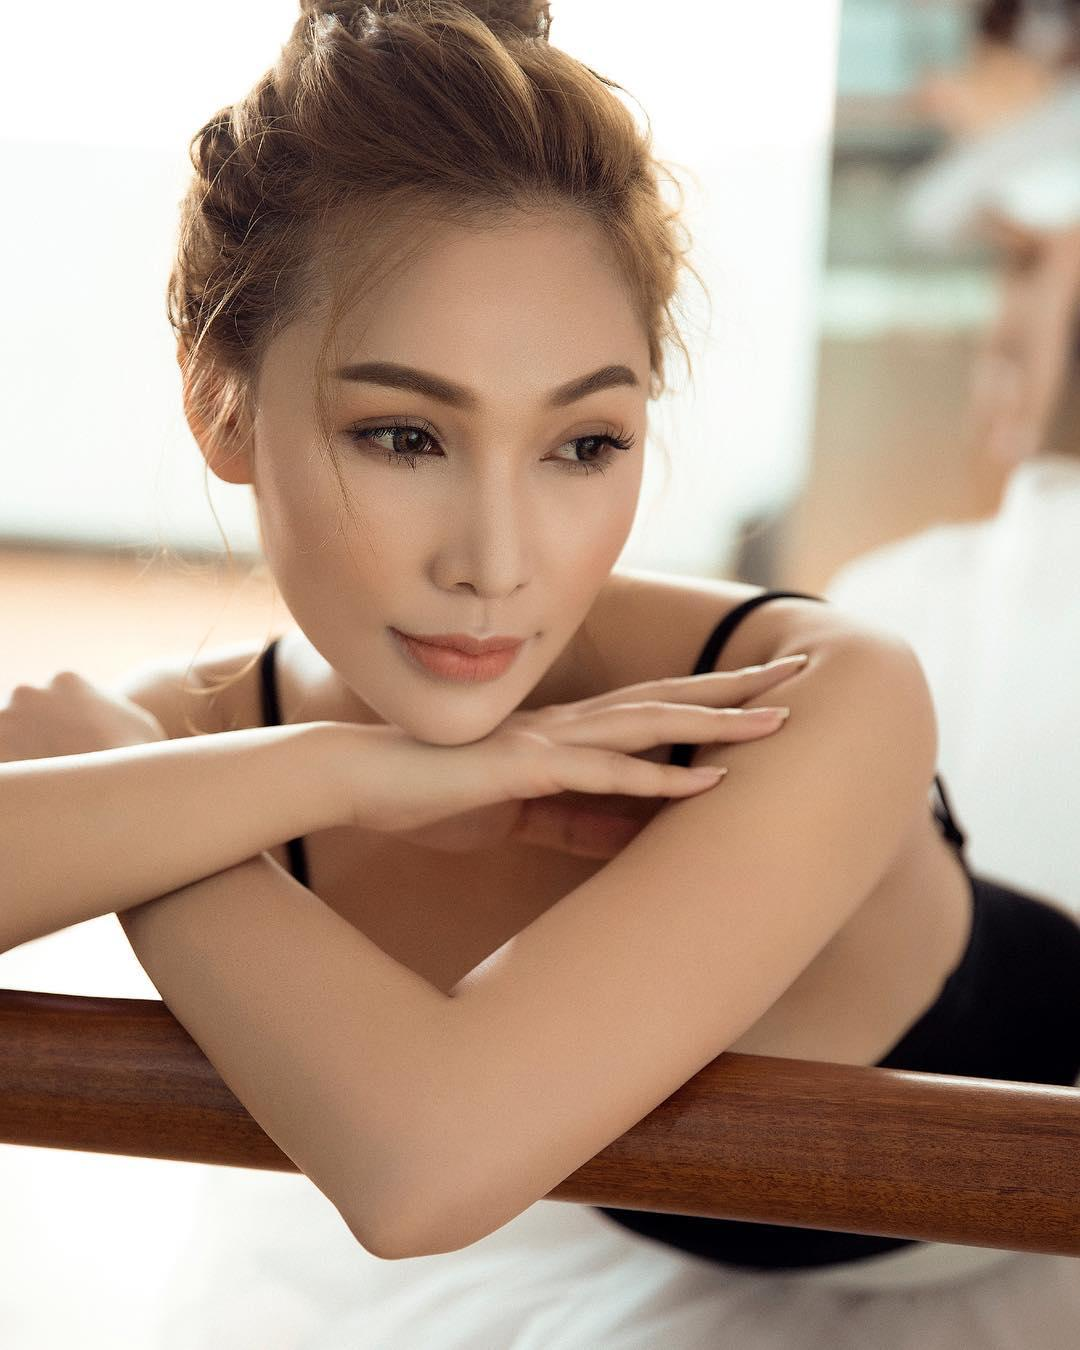 Diễn viên Quỳnh Thư gây shock khi vừa thể dục vừa khóa môi bạn trai-7